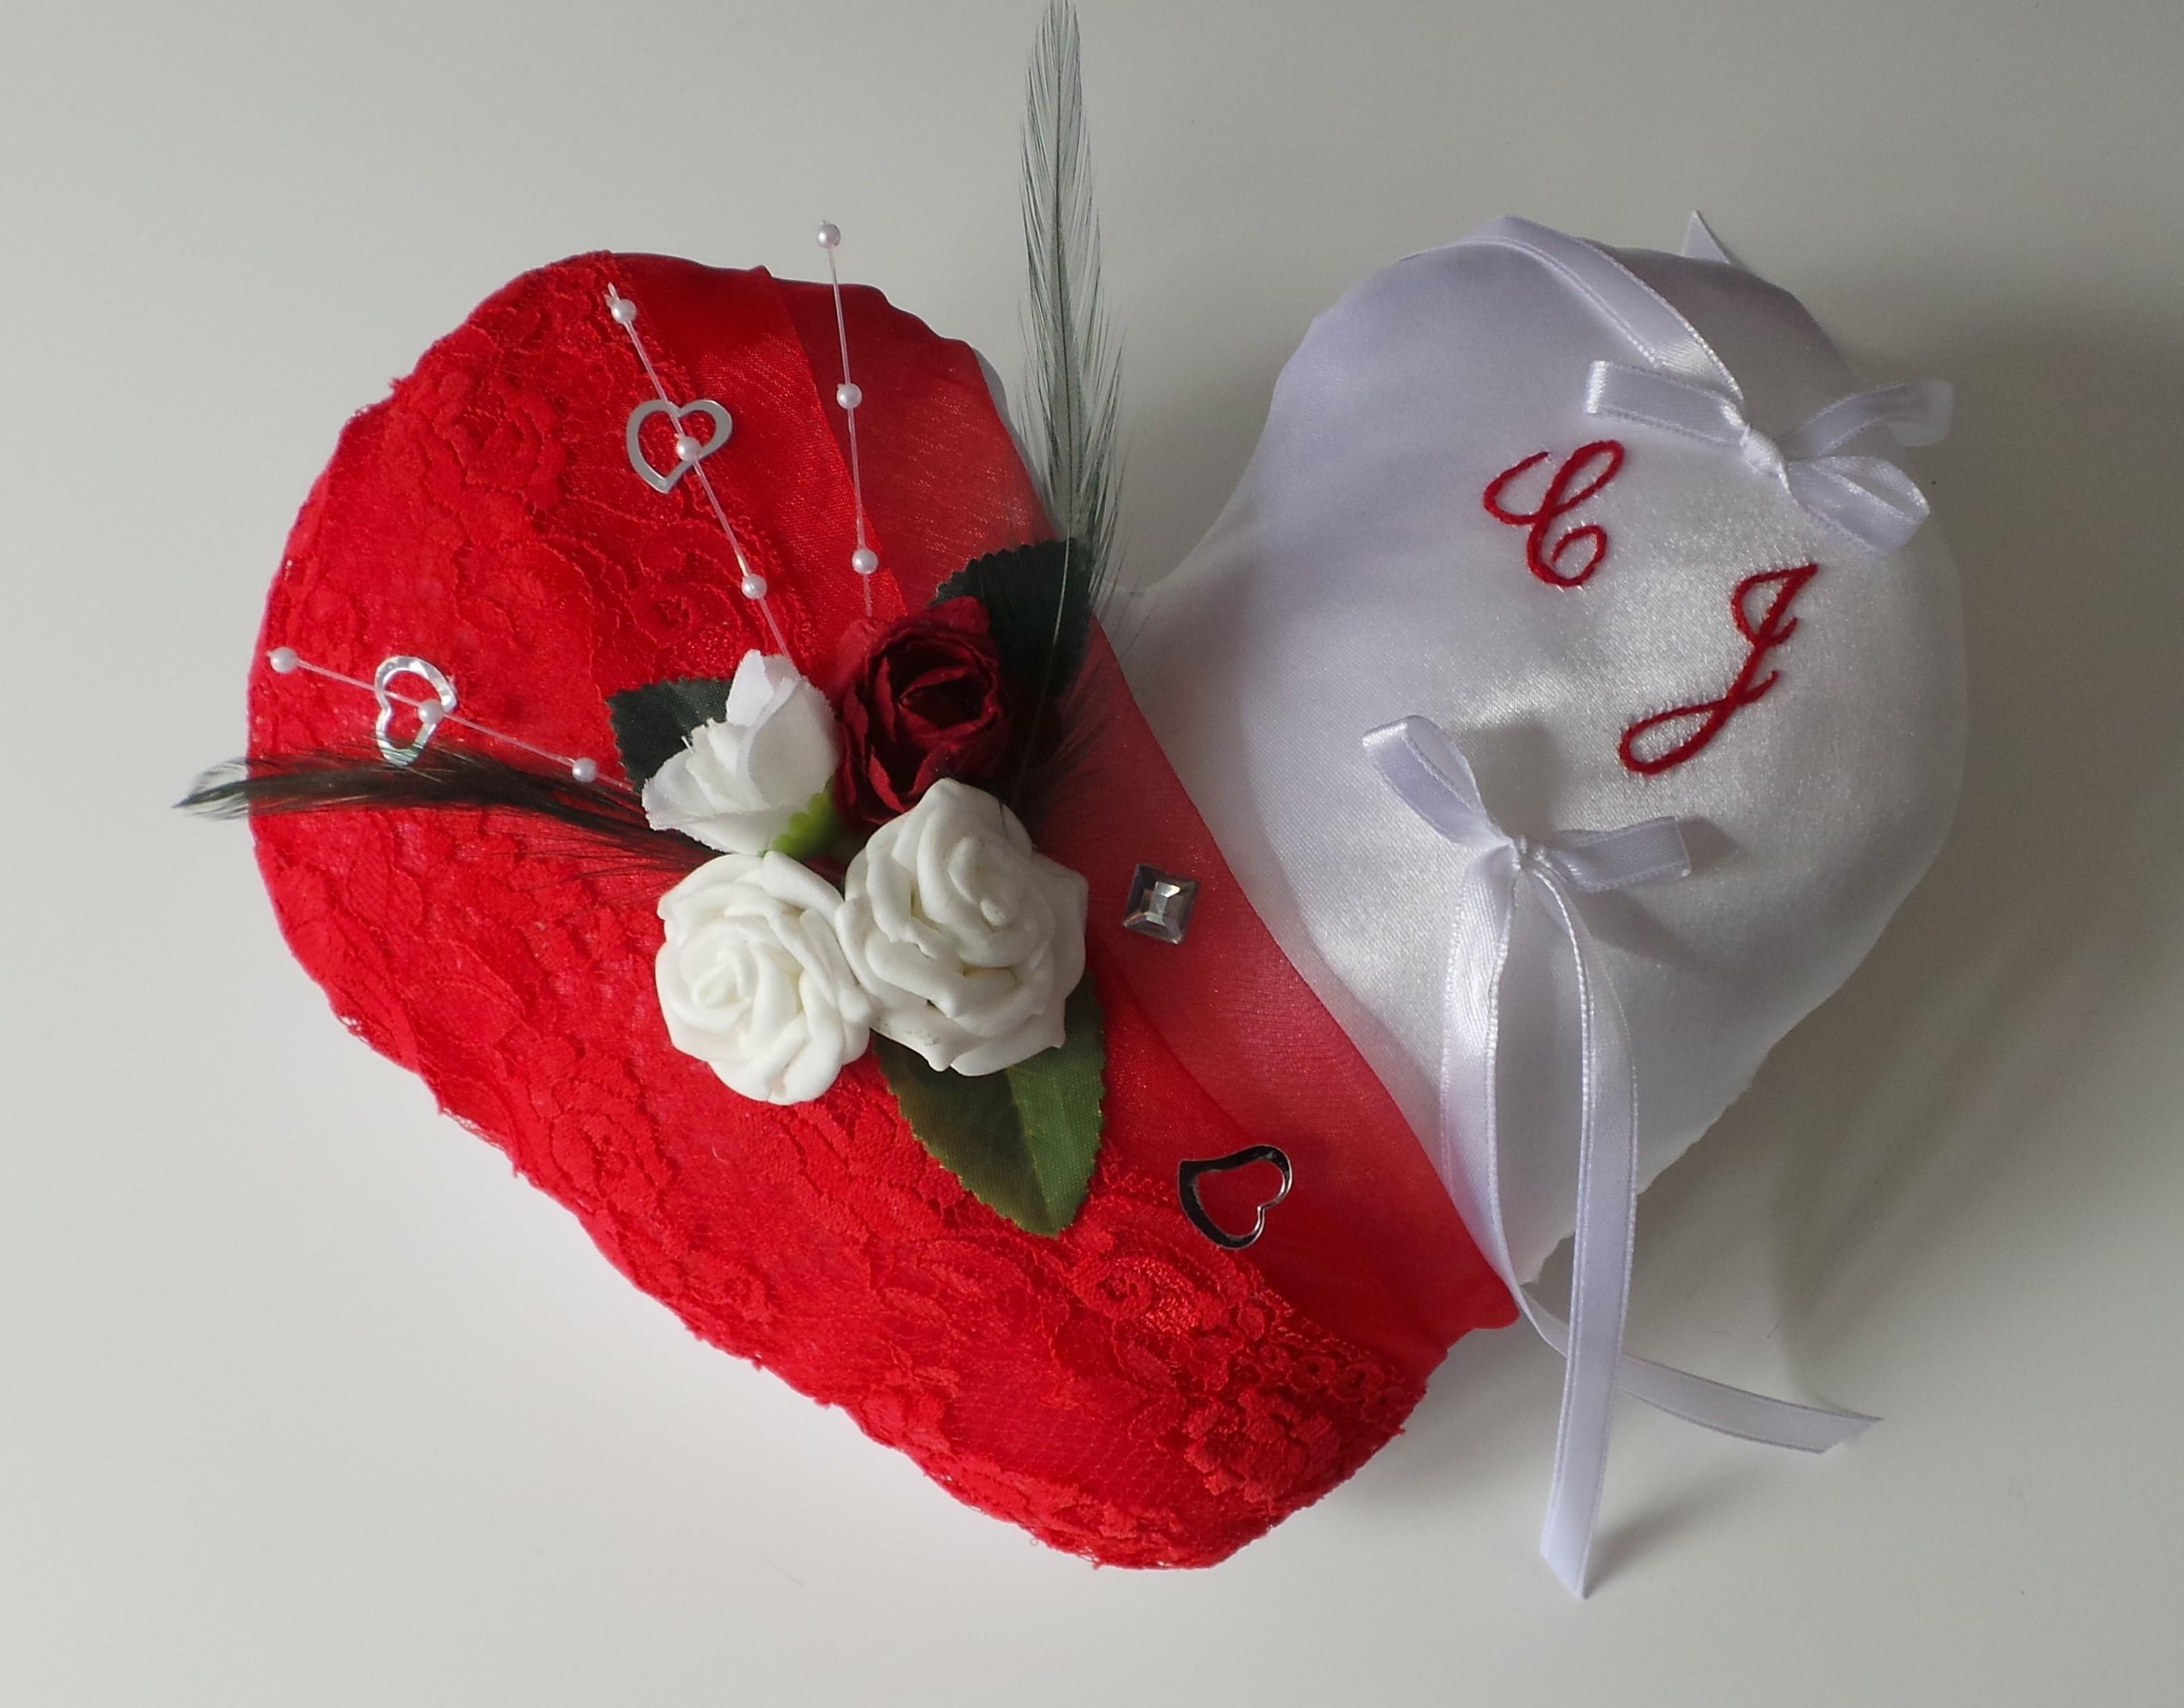 Coussin de mariage porte alliance coeur rouge blanc amour